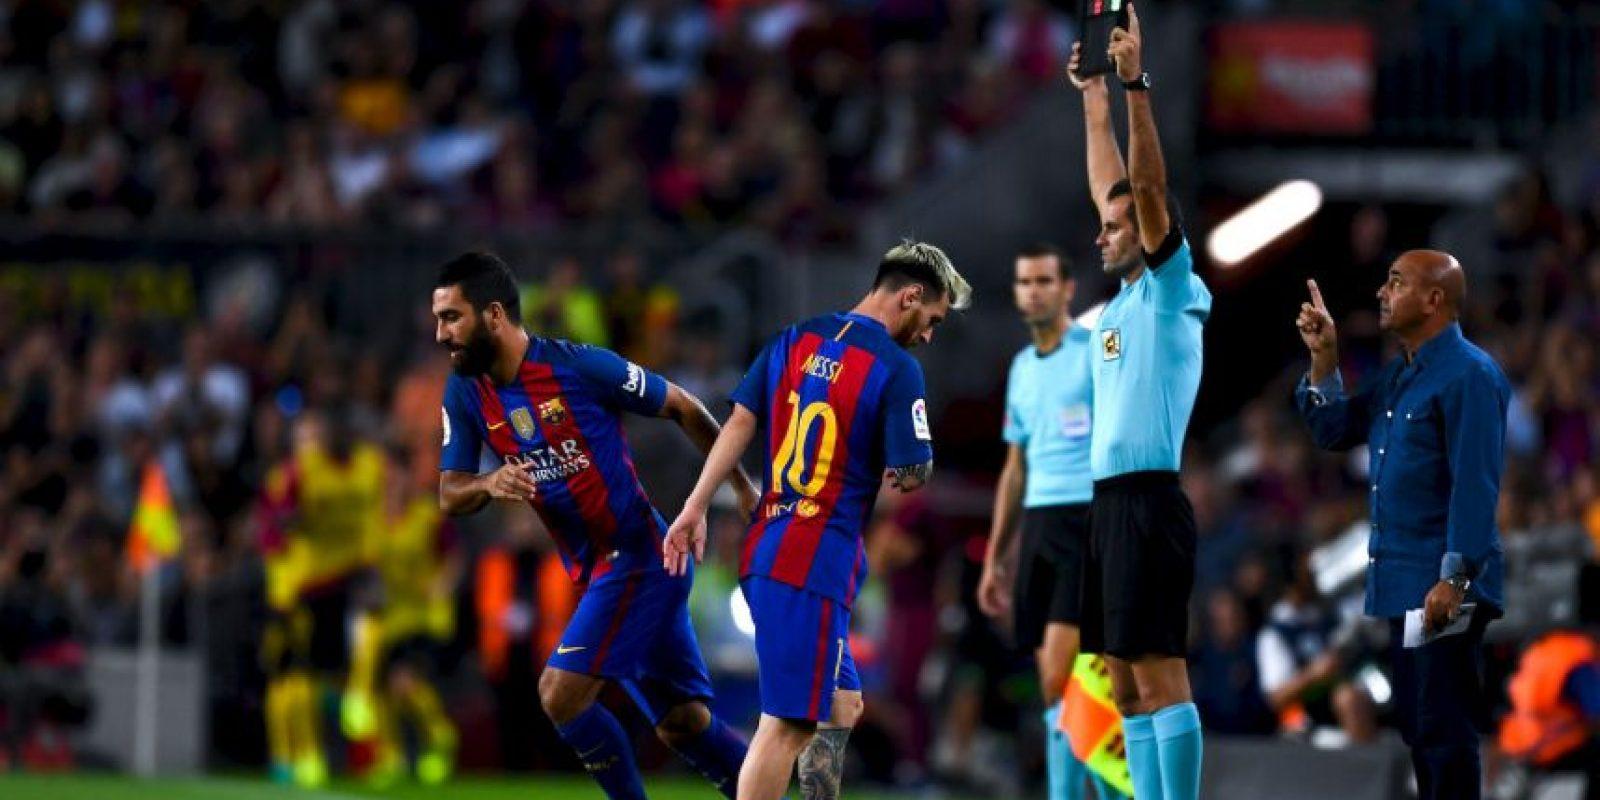 La lesión lo dejará tres semanas fuera de las canchas. Foto:Getty Images